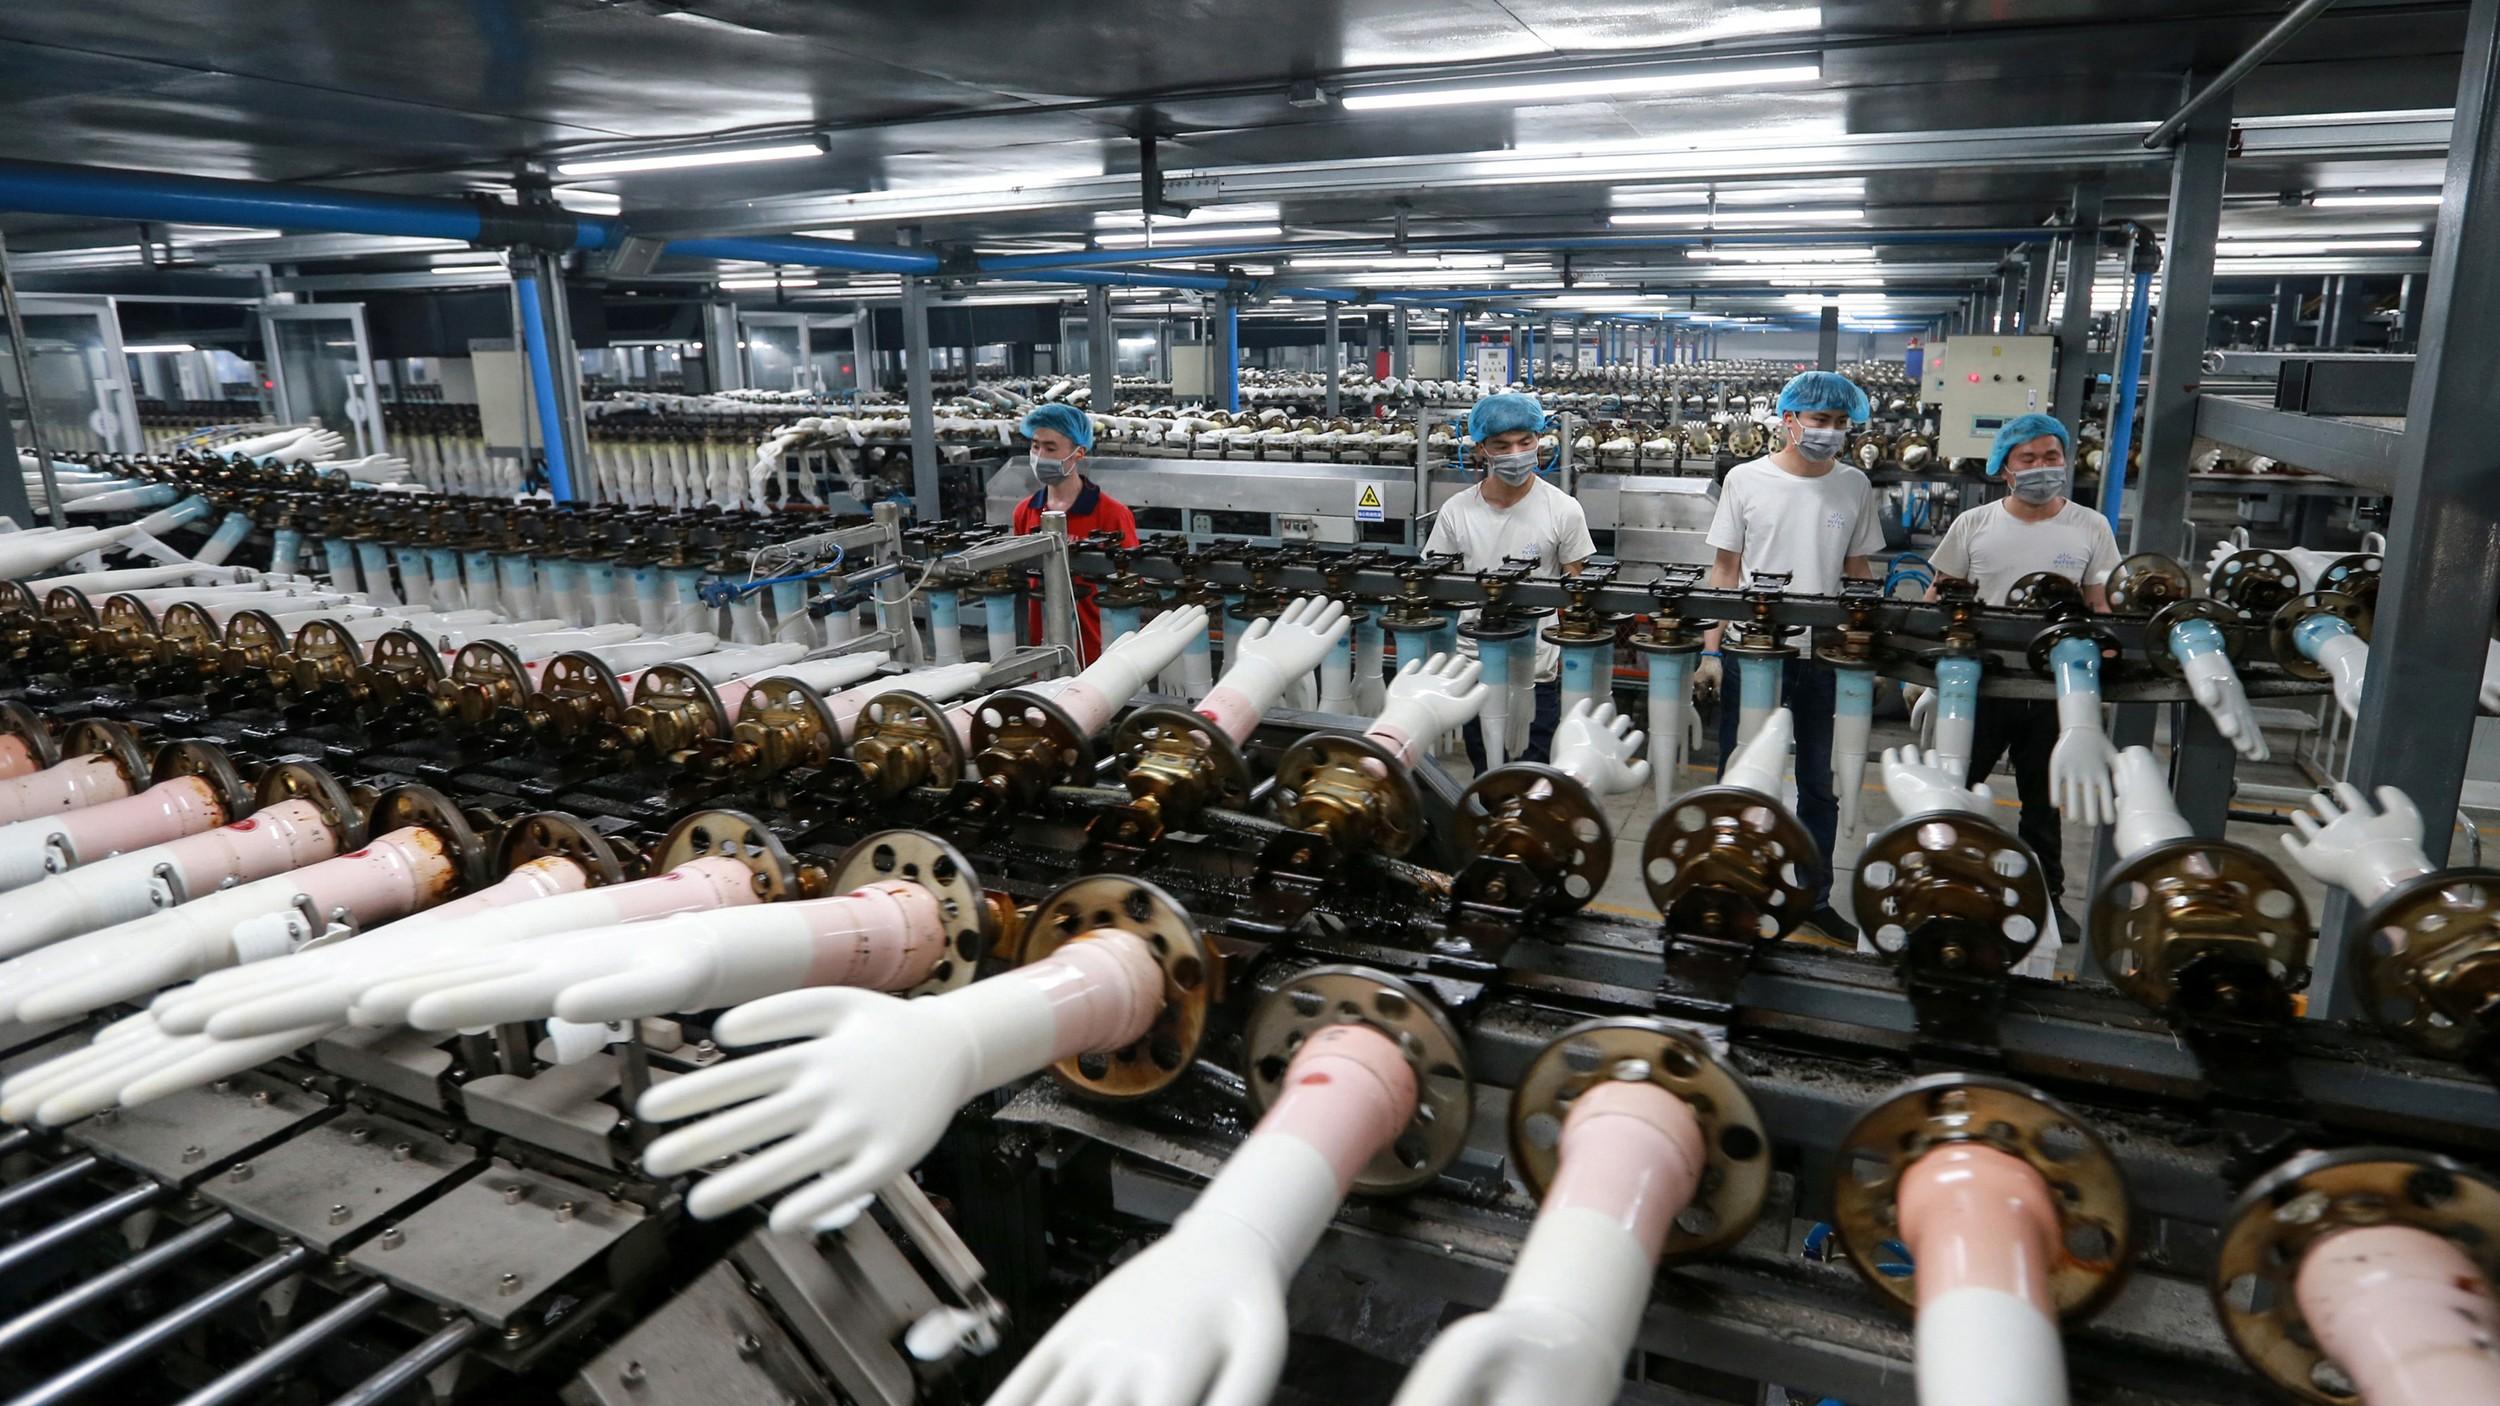 2020年3月23日,中国安徽一家工厂的工人在制作医用手套。(法新社)